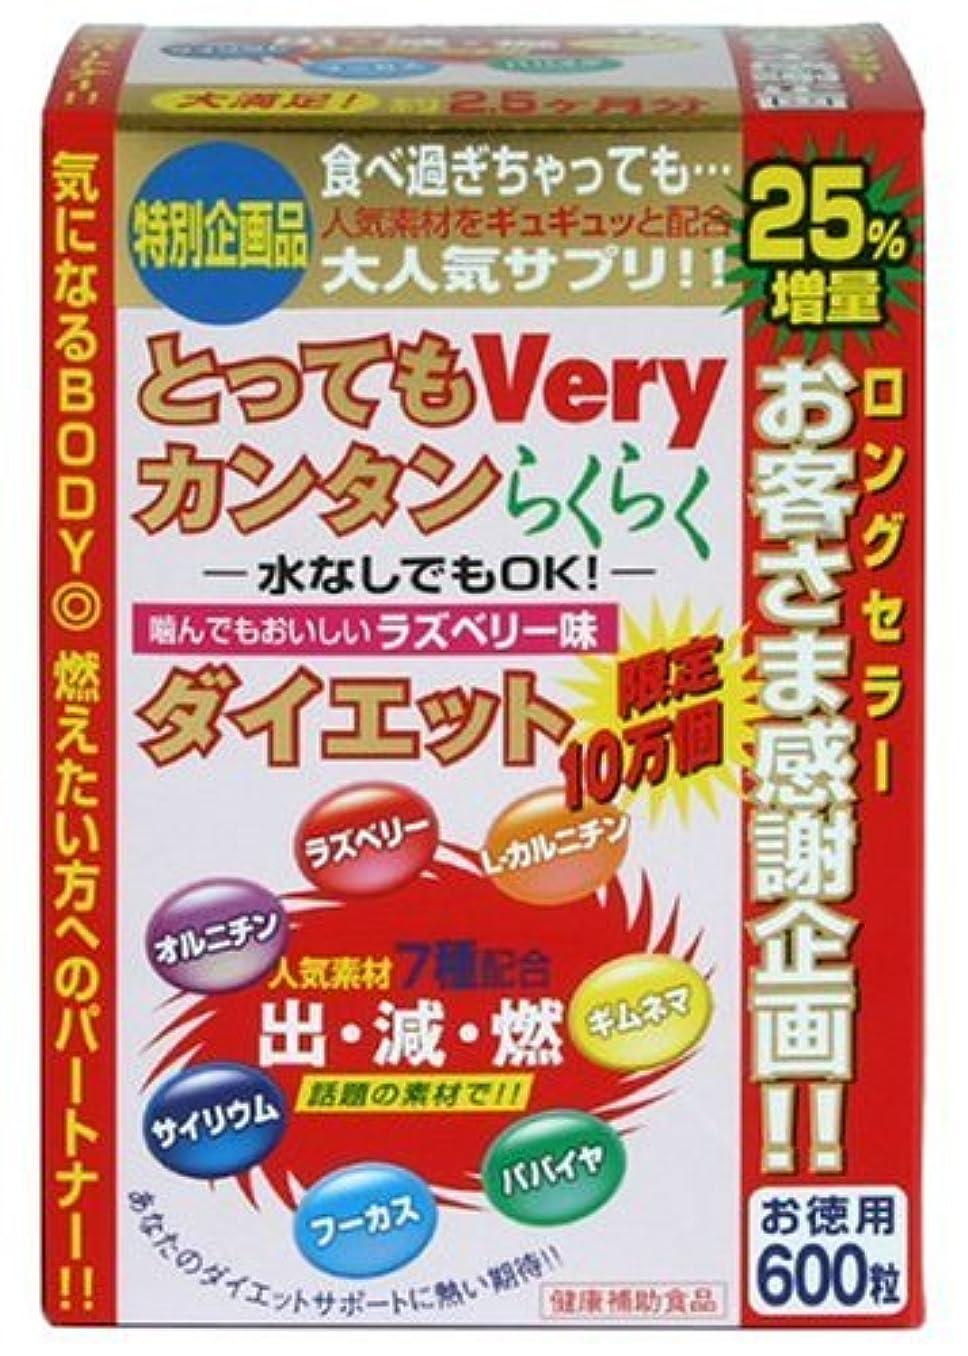 過去スイング矛盾するとってもVery カンタンらくらく ダイエット 増量版(240mg×600粒)